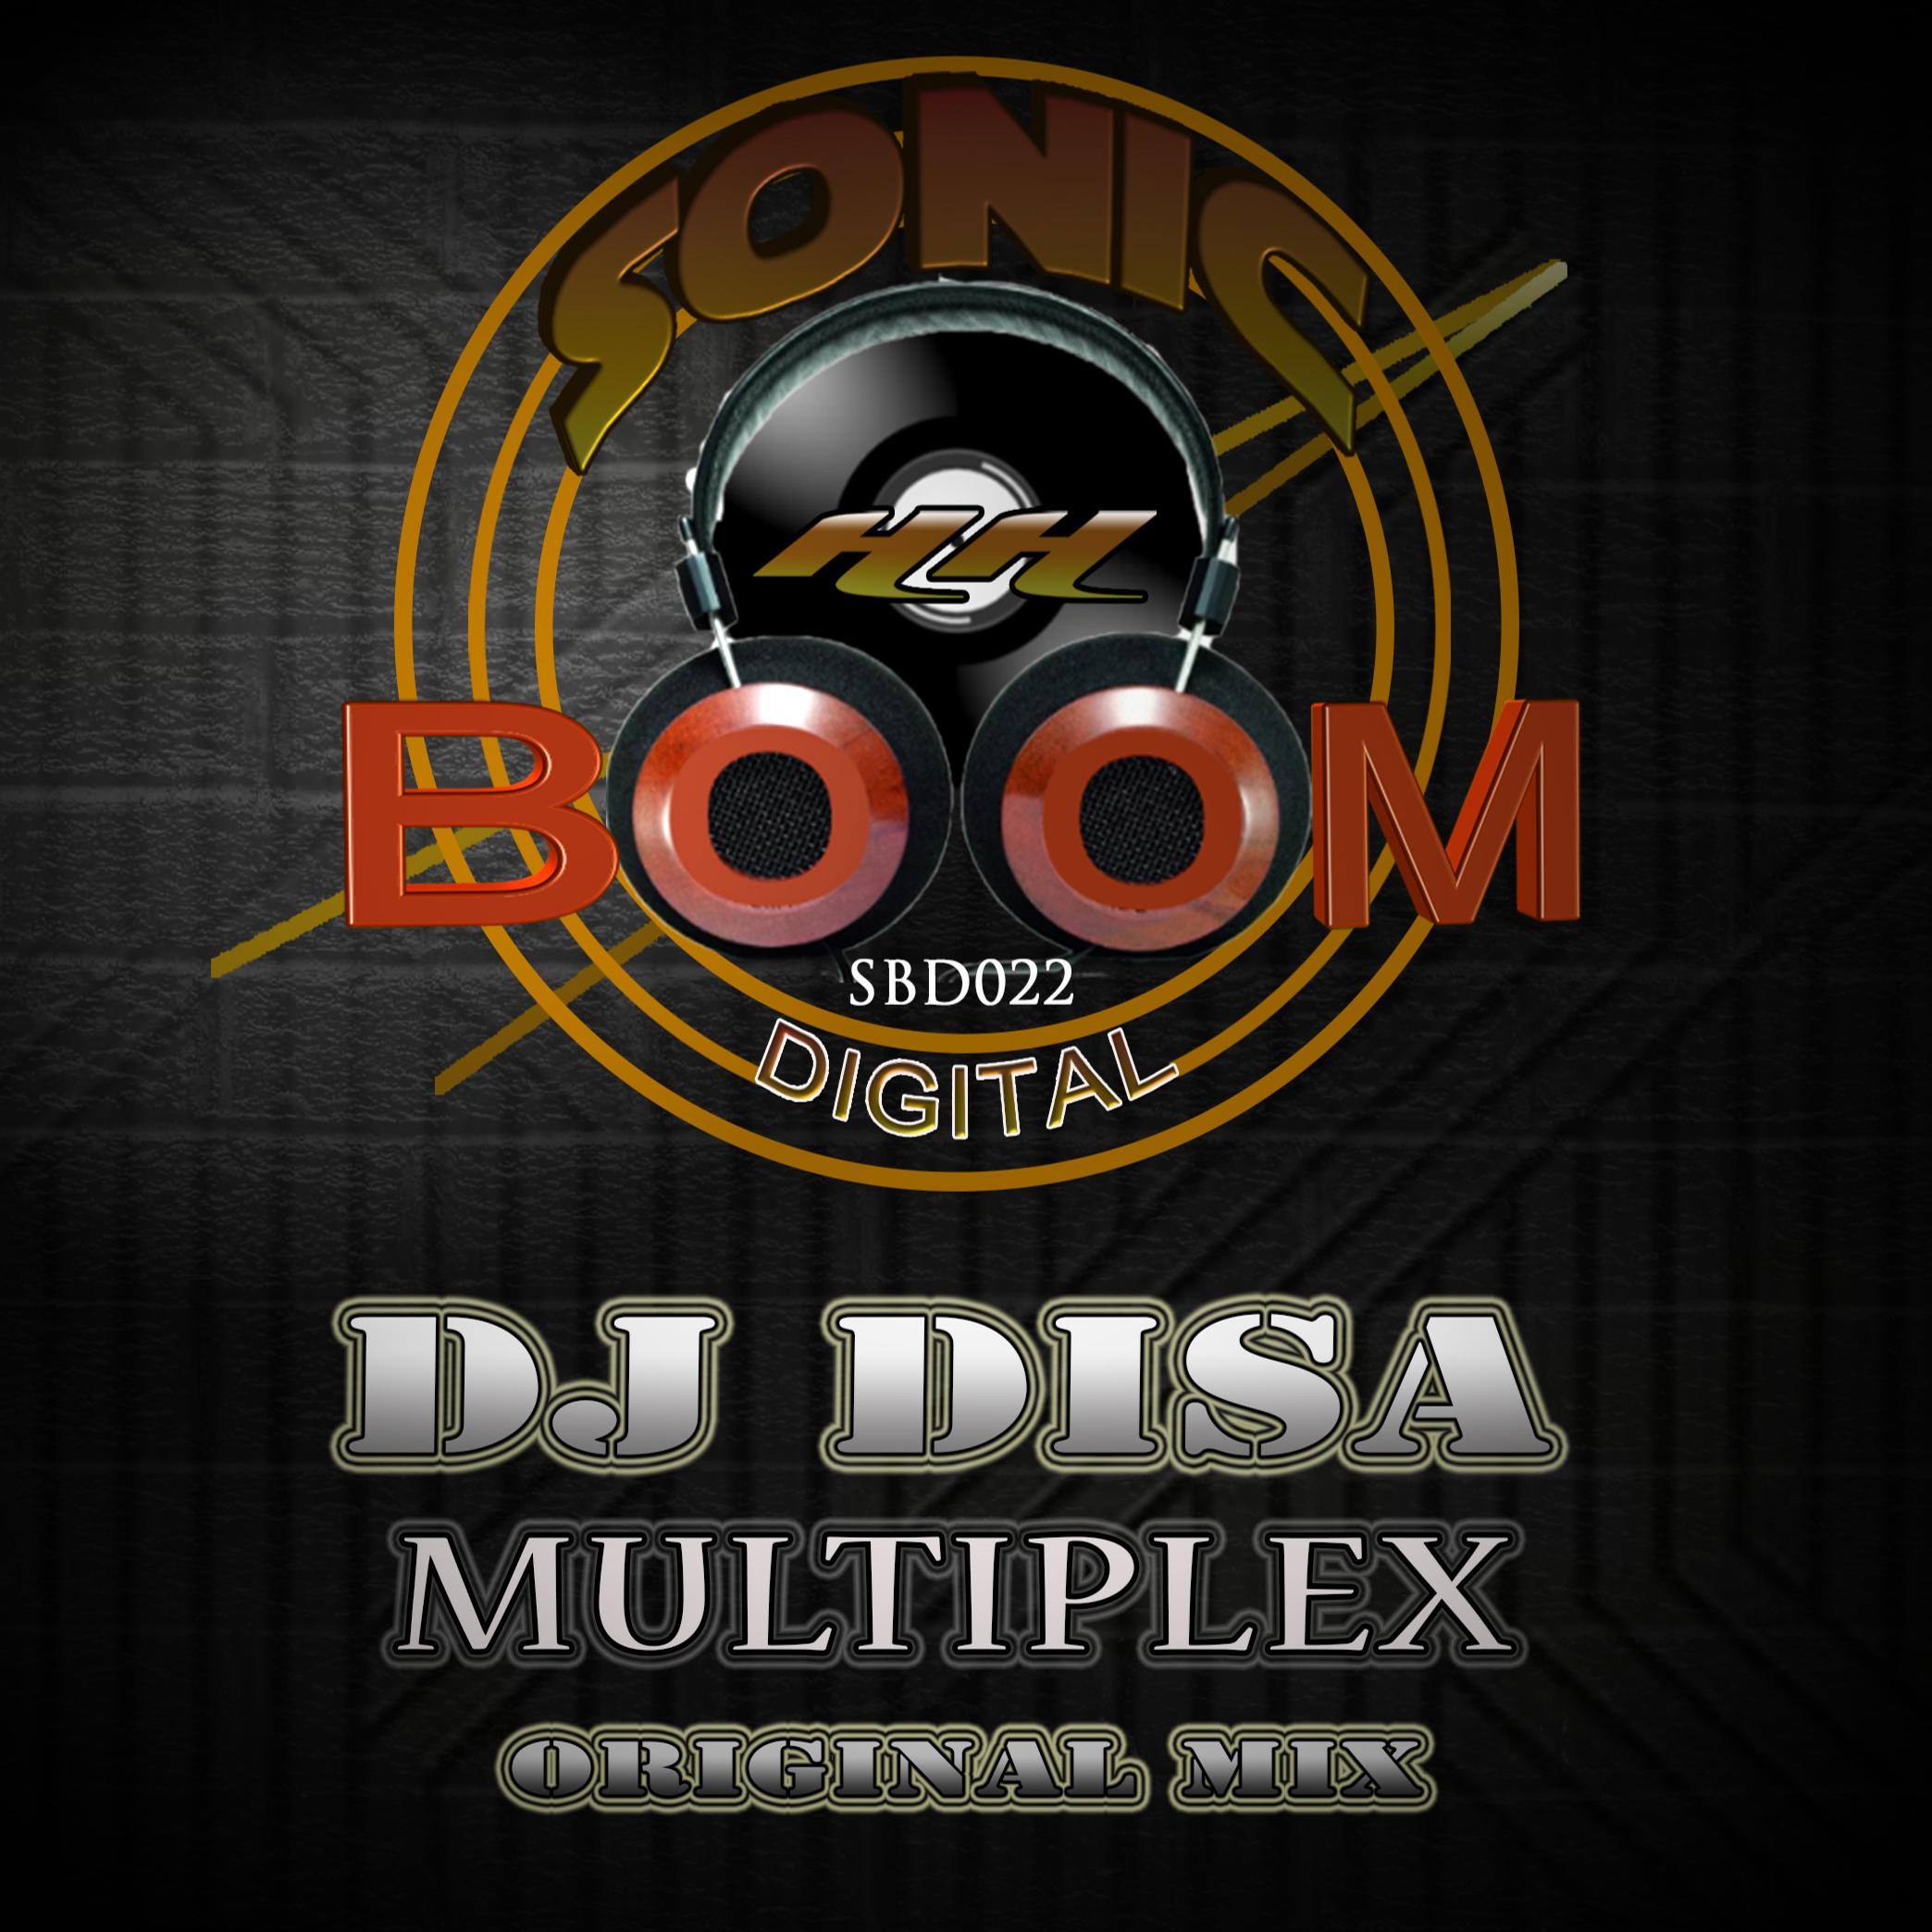 Dj Disa Multiplex Sonic Boom Digital